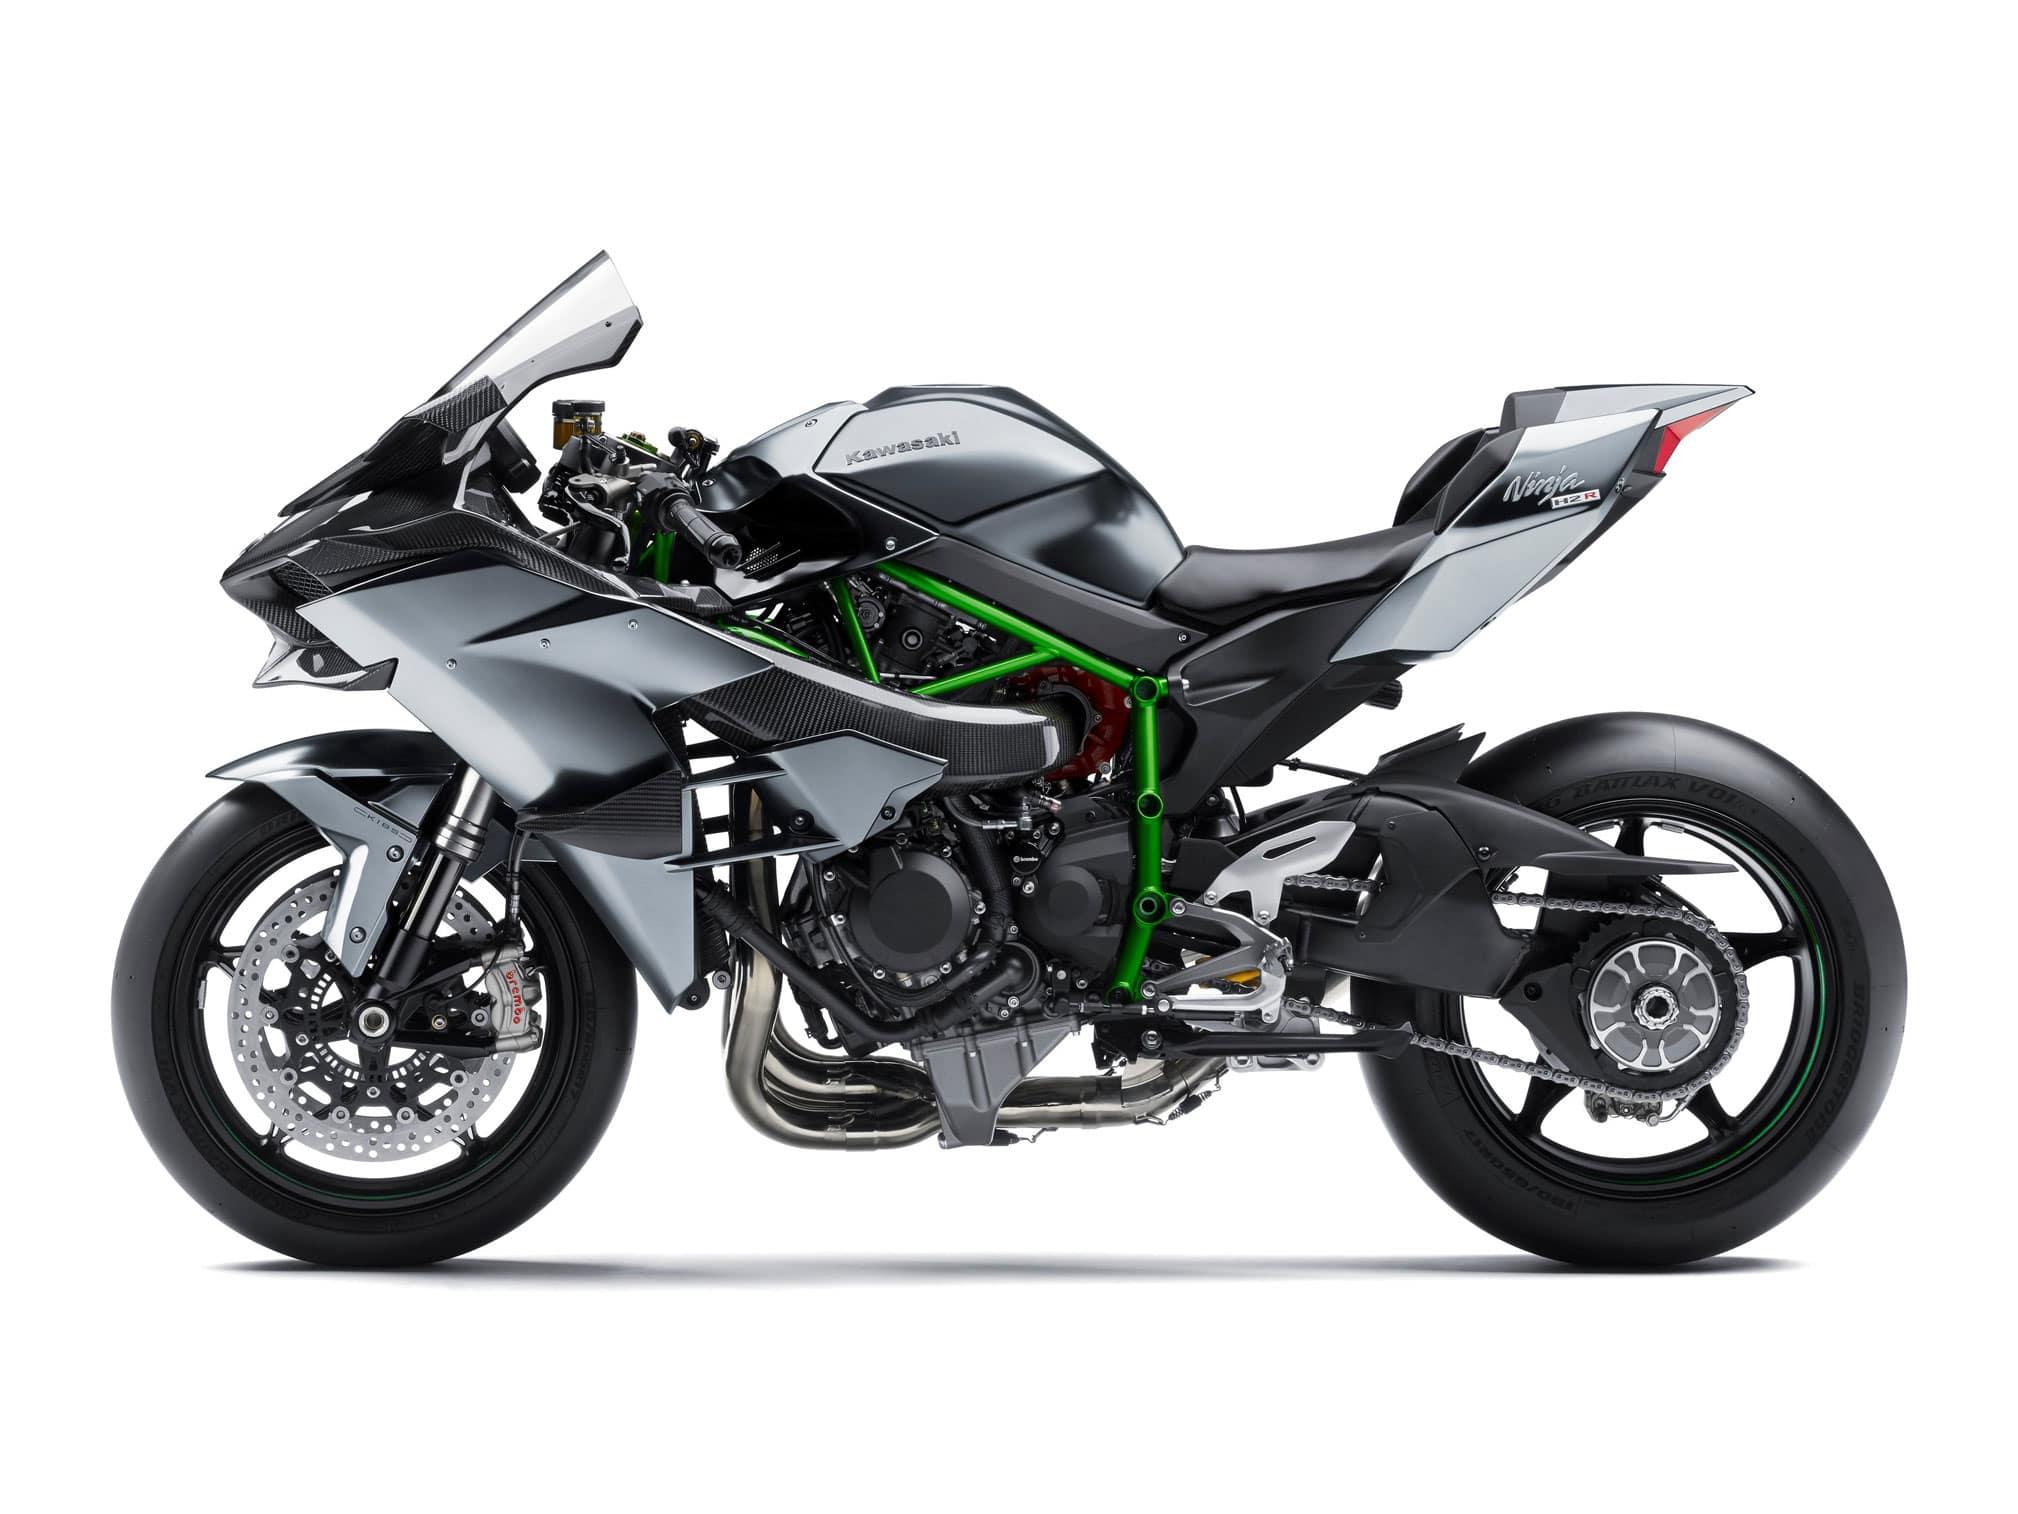 Kawasaki Ninja h2R - track only motorcycle